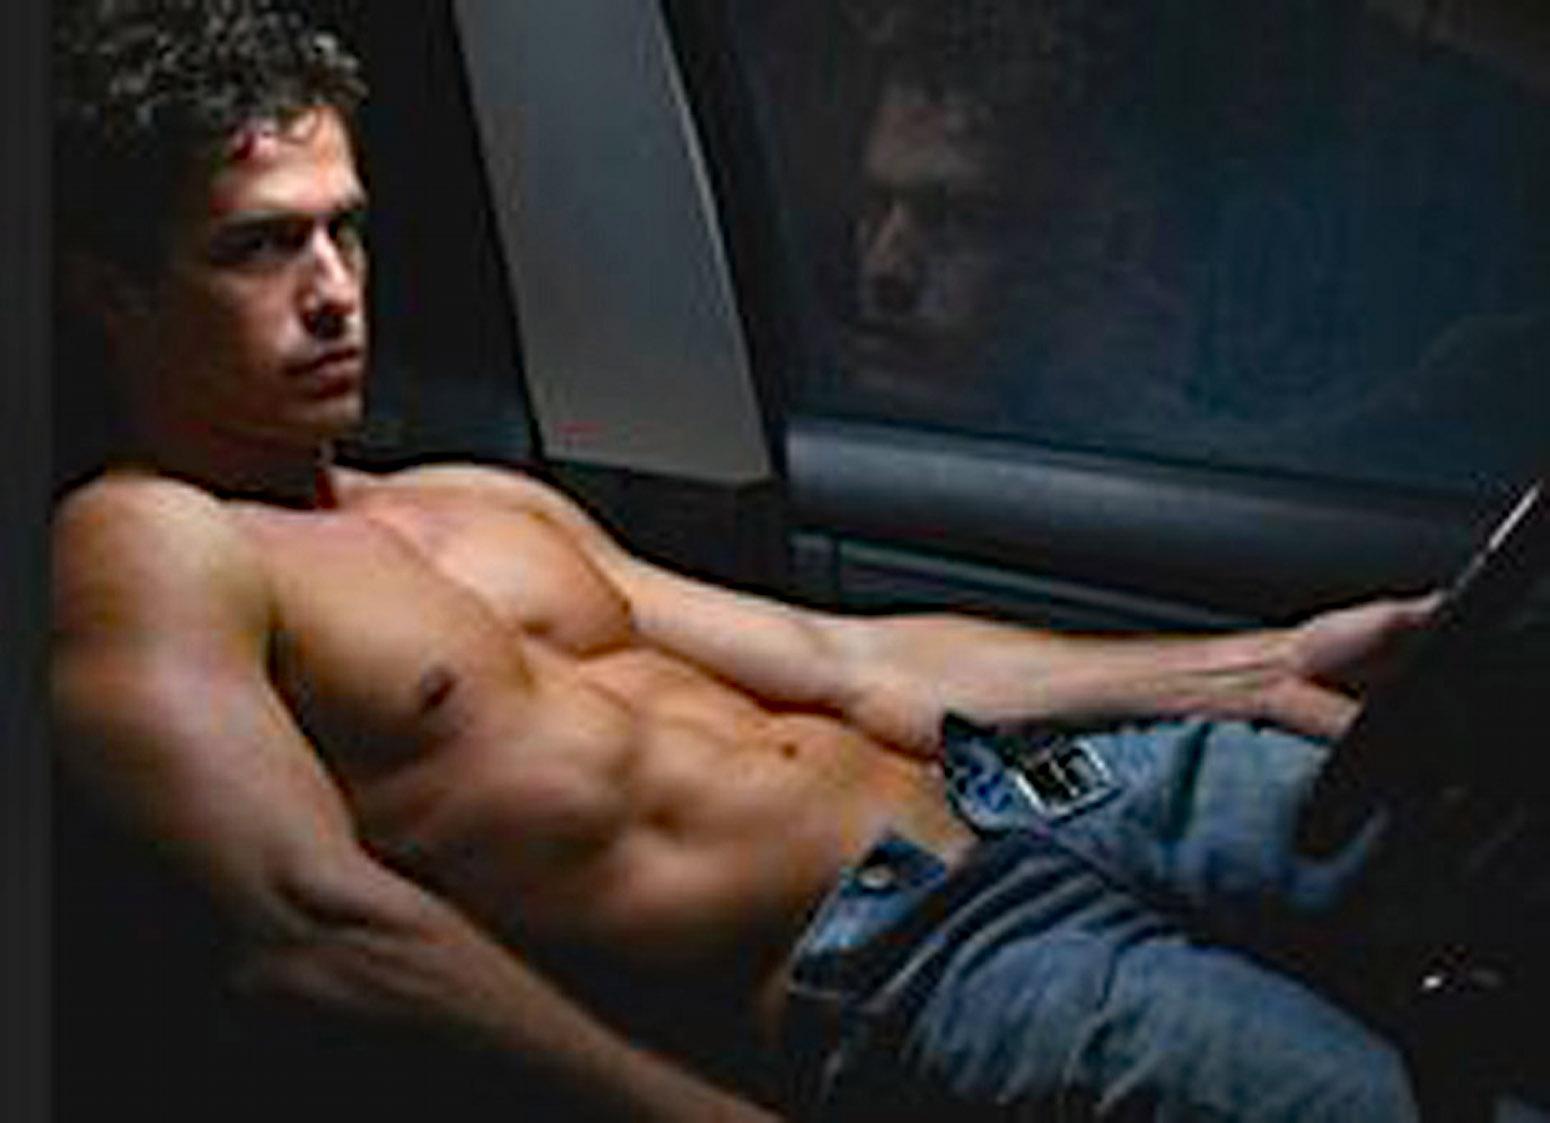 Сайты парней по вызову, Парни по вызову в Москве Реклама на сайте 21 фотография